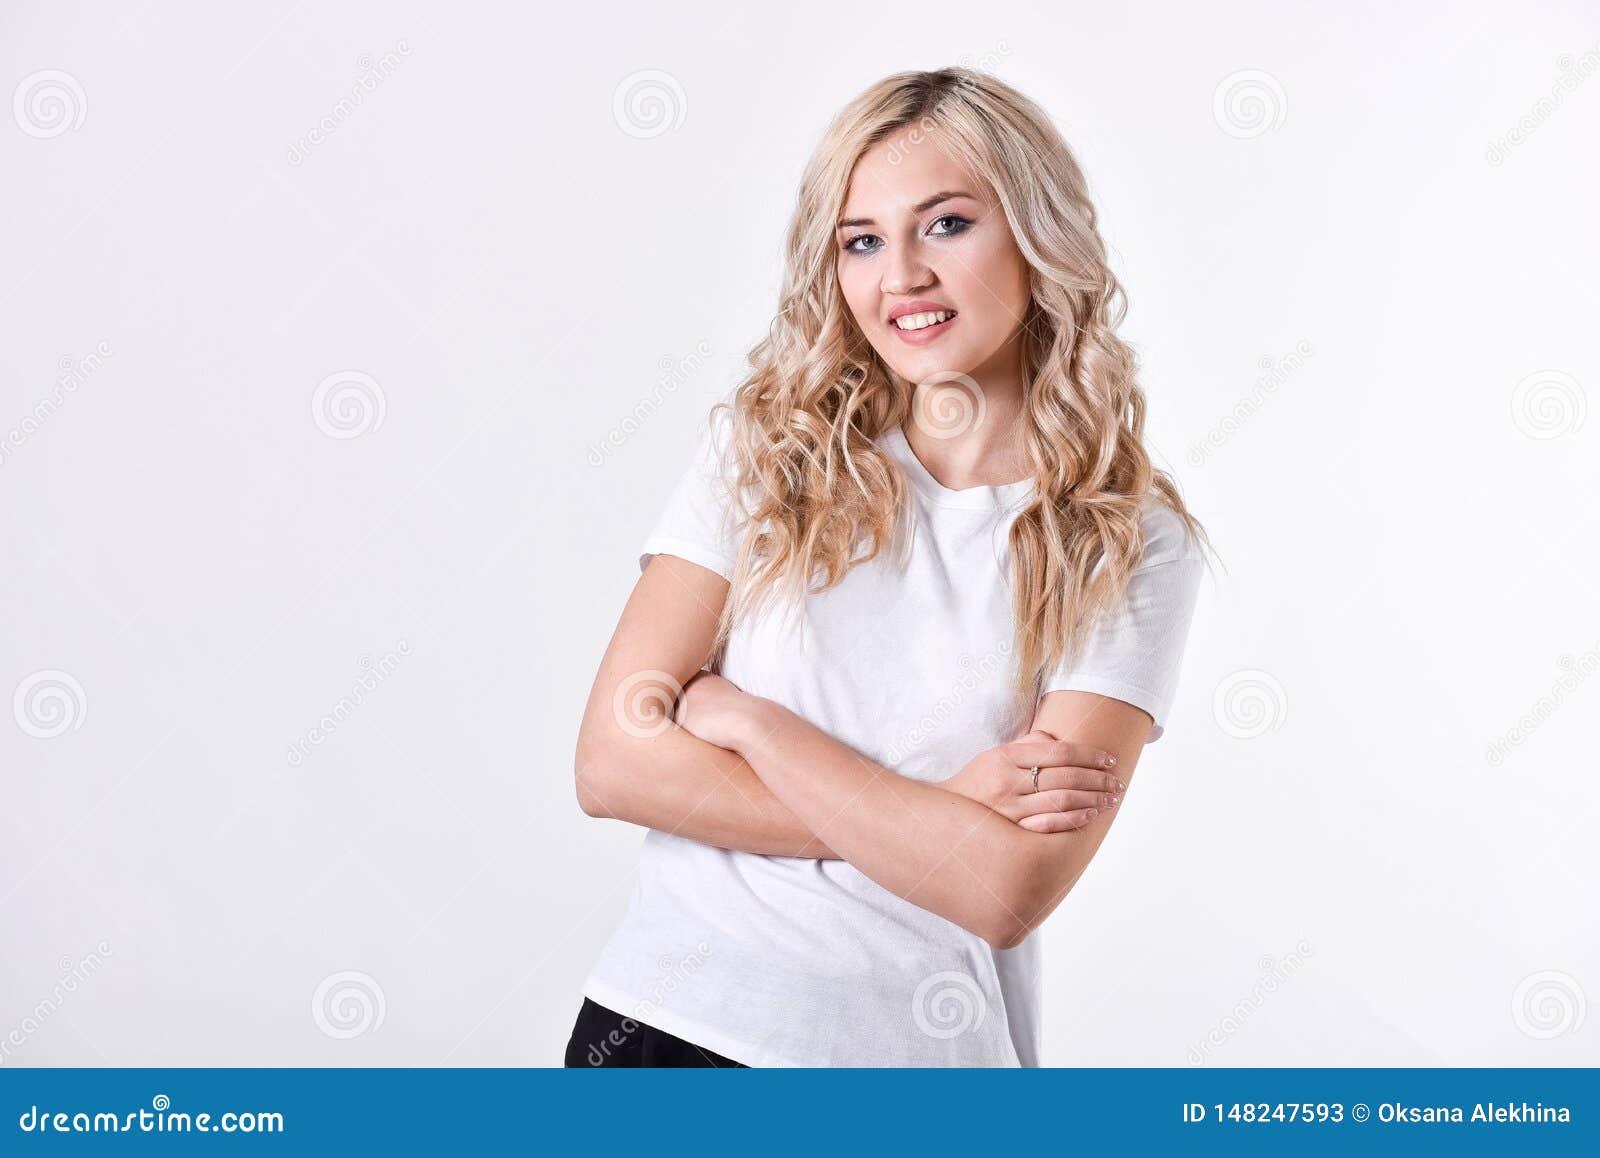 Молодая красивая блондинка девушки стоит со сложенными руками, белой рубашкой, на белой предпосылке